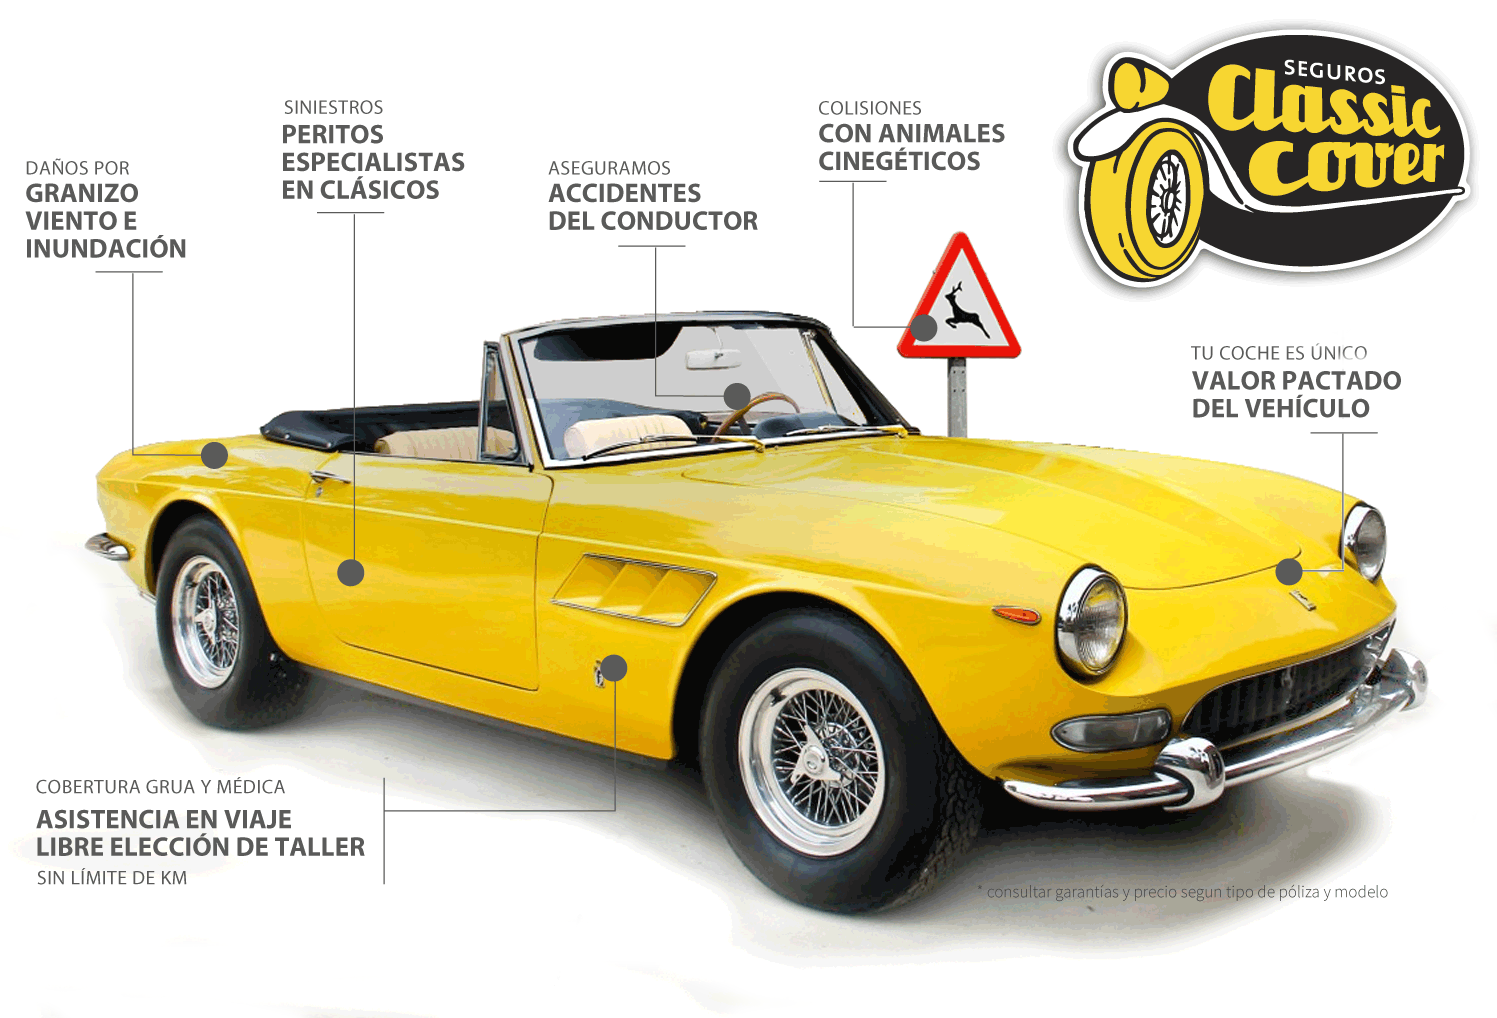 1cb9086473 Seguros Coches Clásicos - Motos Clásicas - Classiccover - El seguro ...